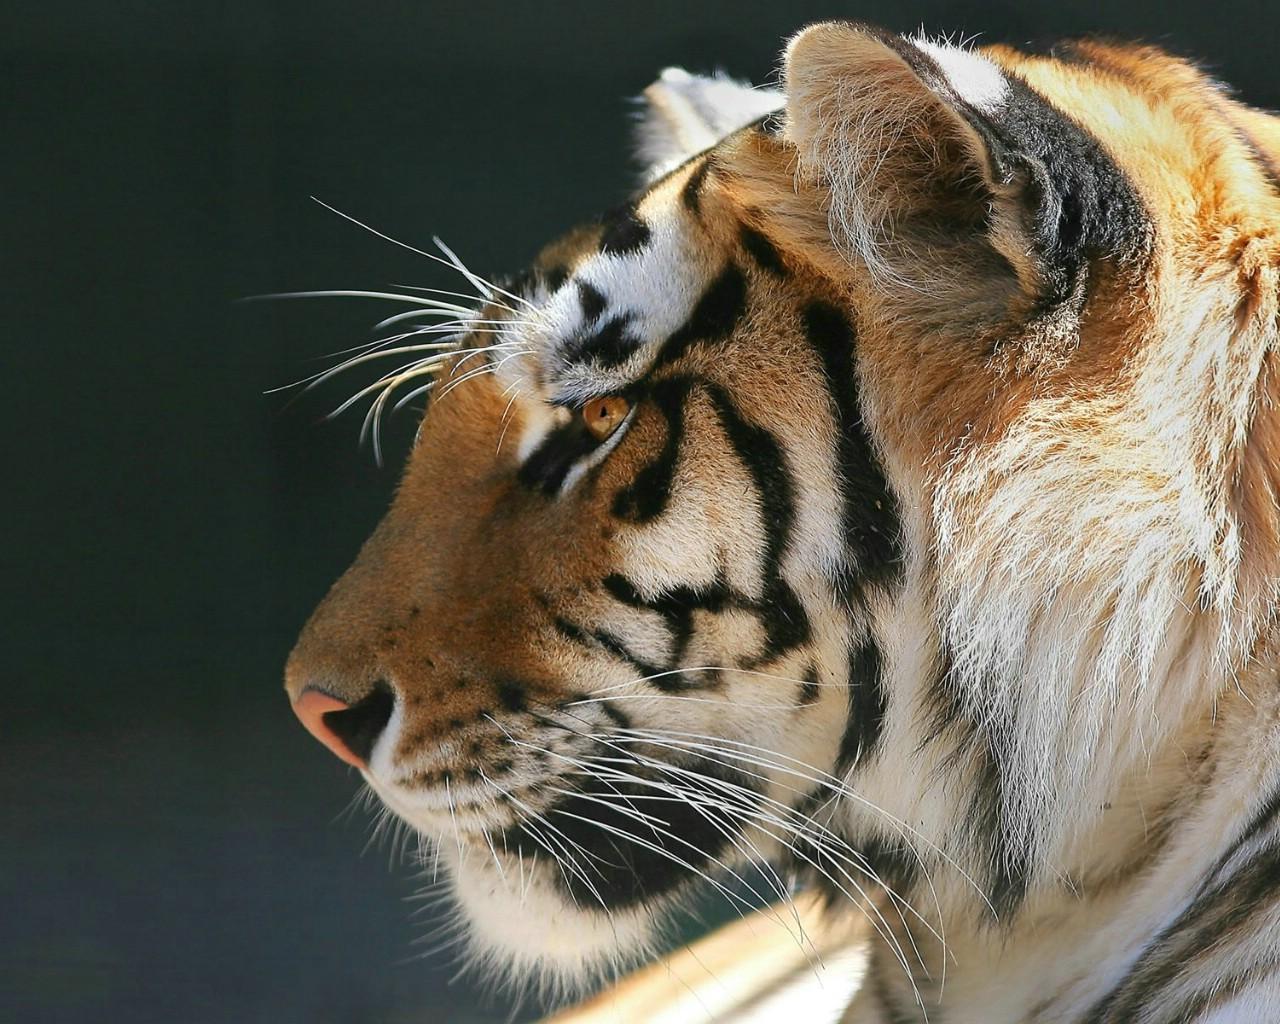 有关老虎的壁纸